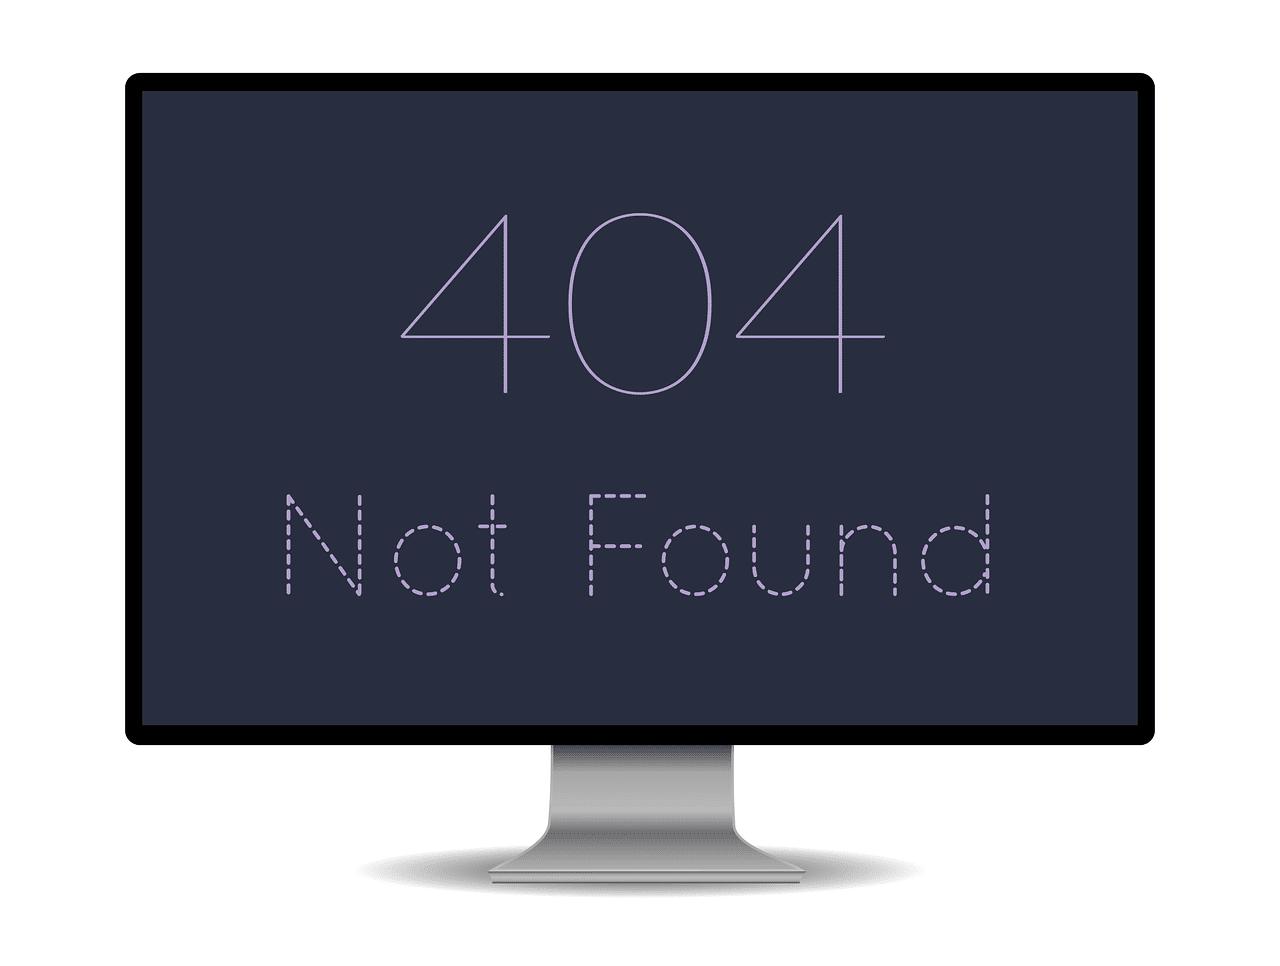 Afbeelding 404 foutmelding in WordPress snel oplossen